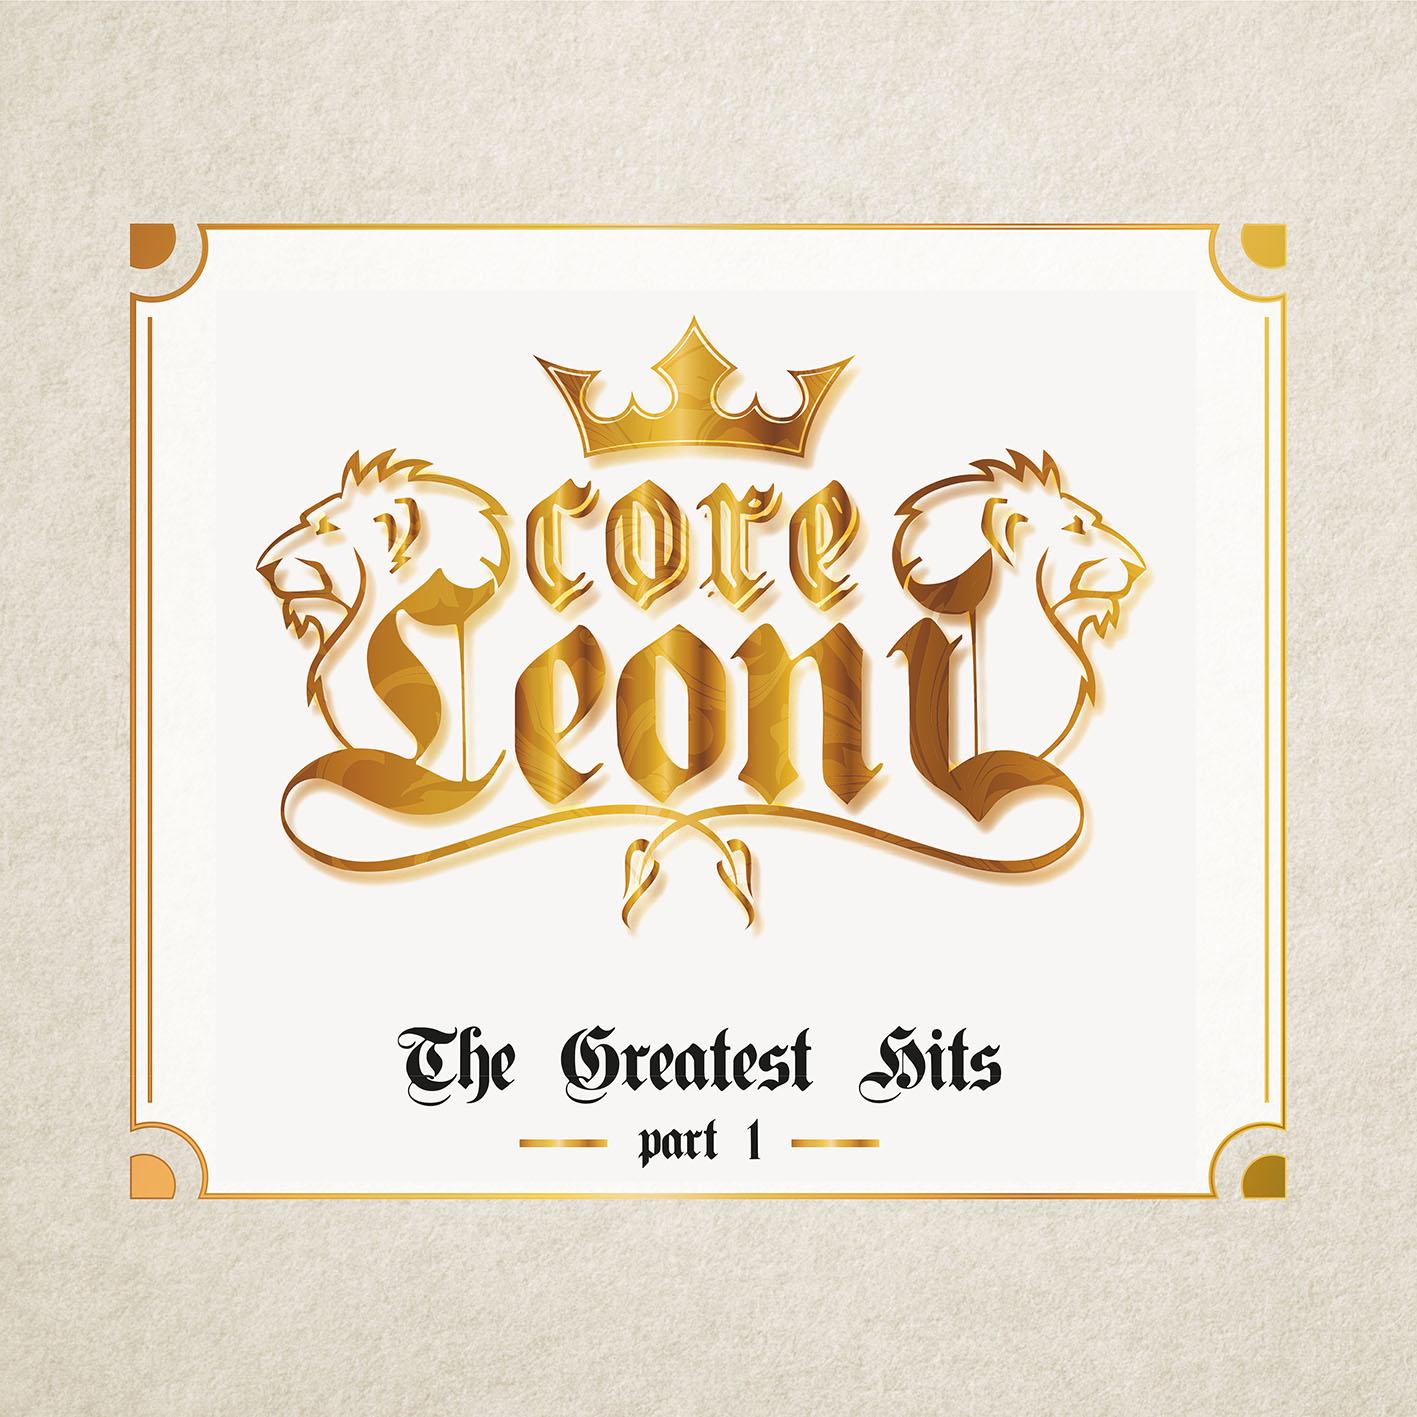 CORELEONI tghpt1 cover